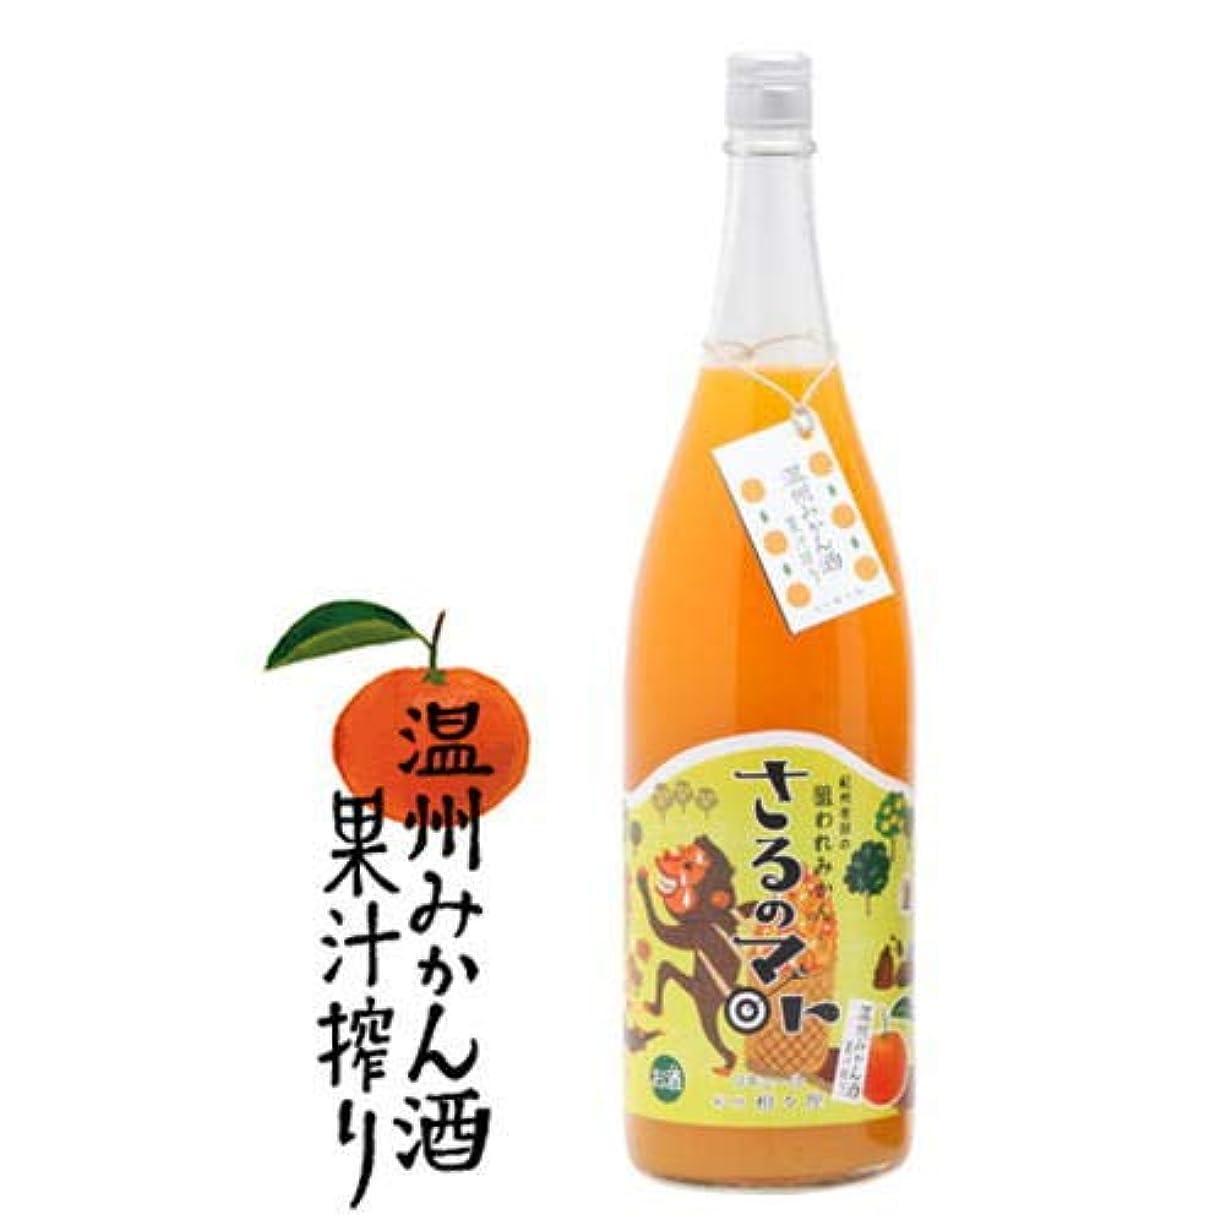 温州みかん酒(果汁搾り) 1.8L [ リキュール 1800ml ]